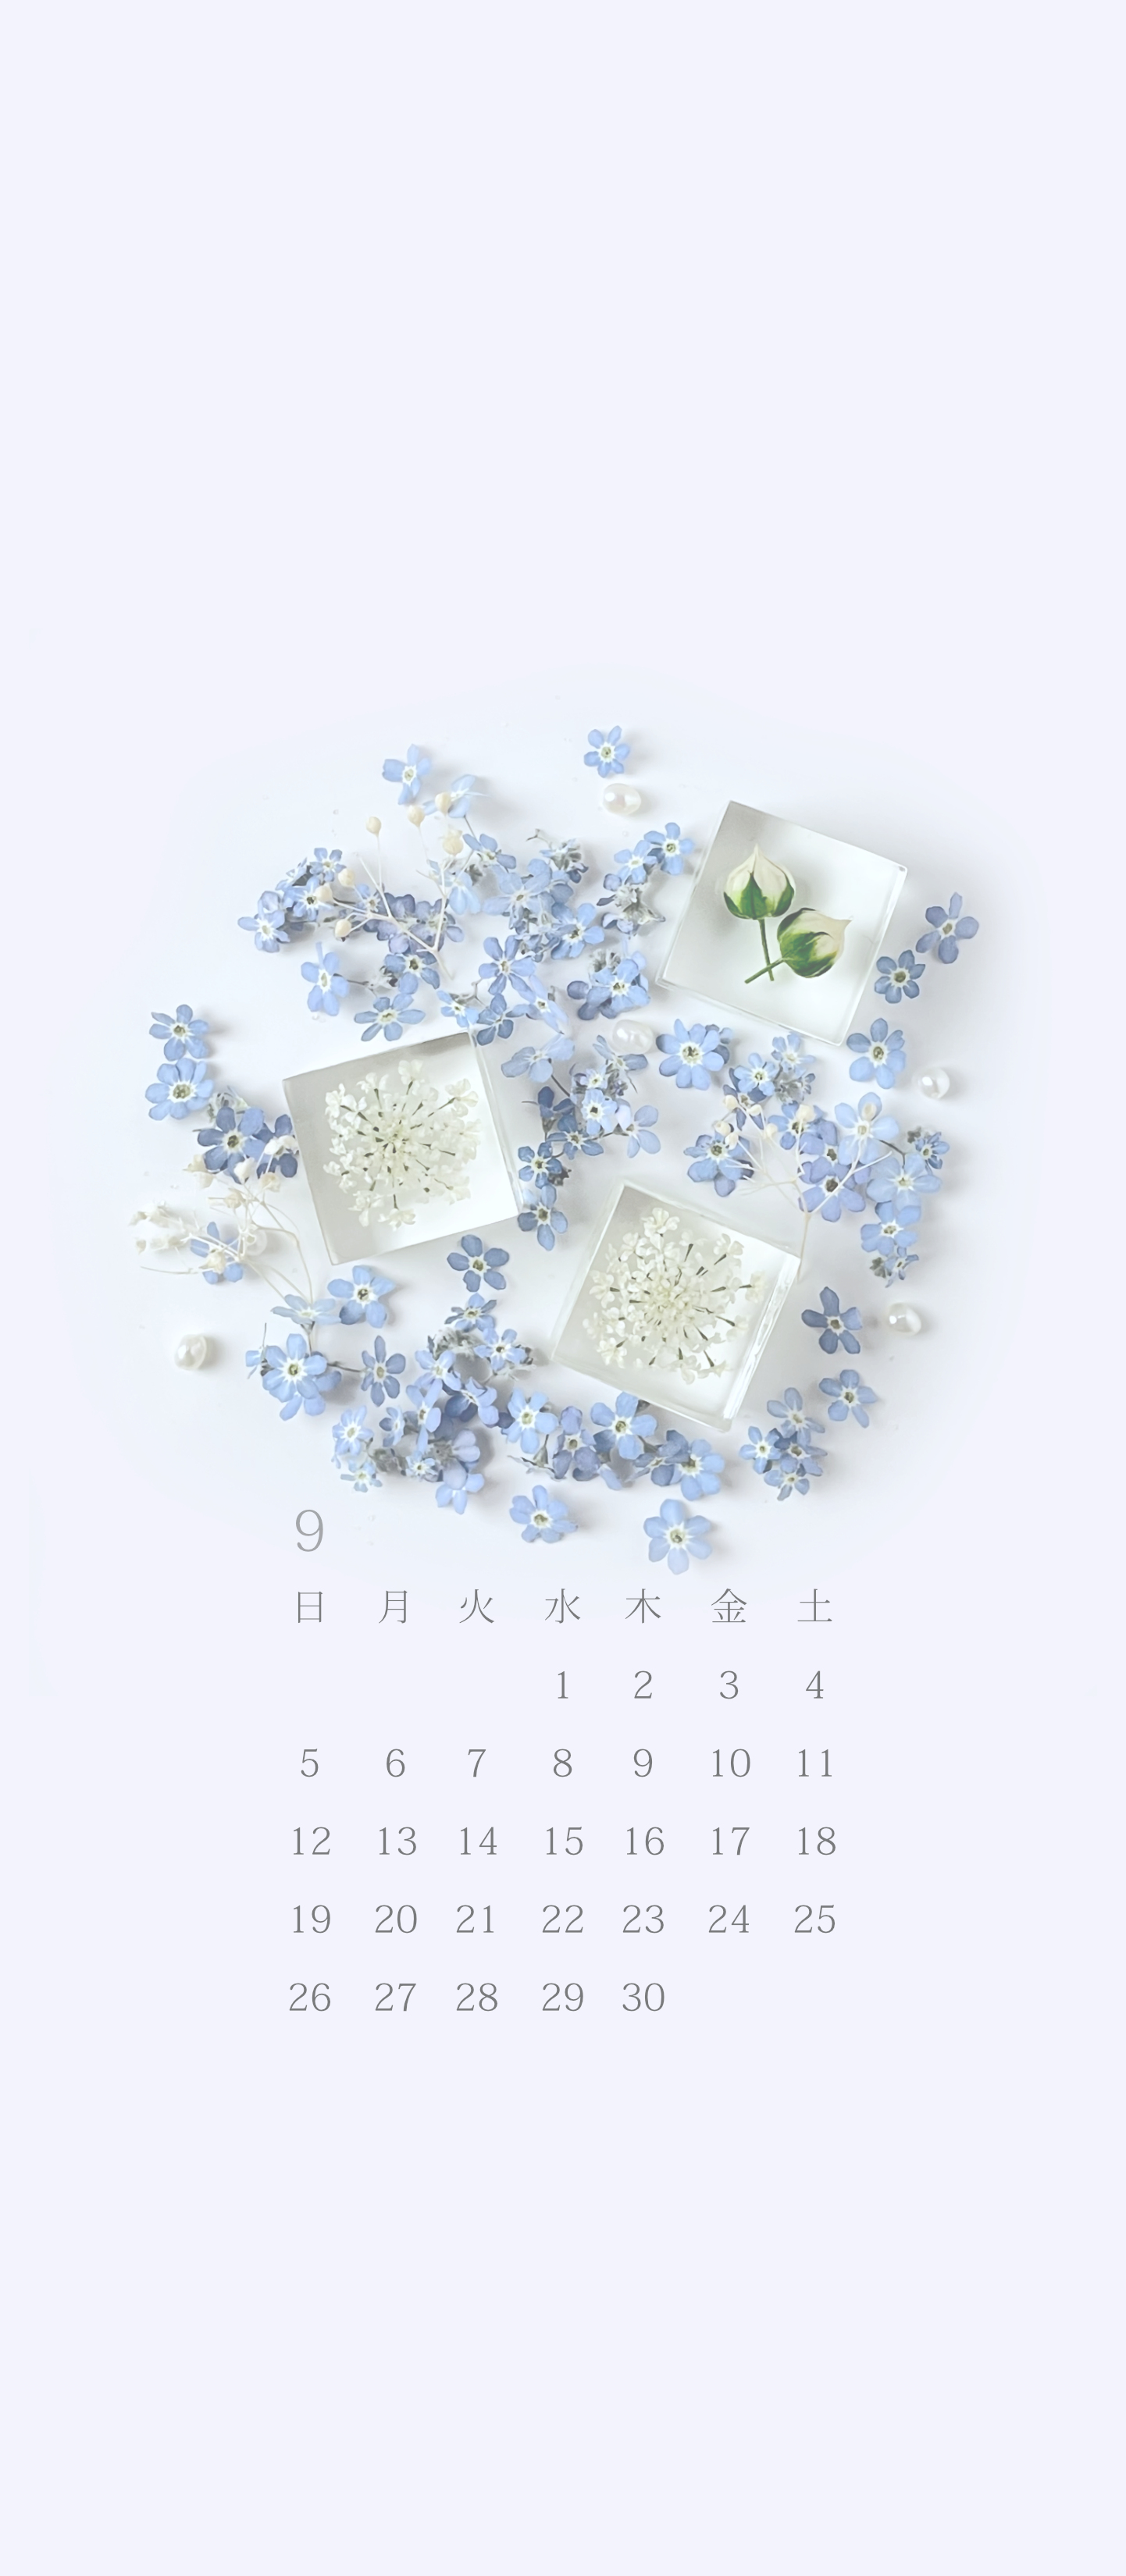 無料ロック画面カレンダー 「9月 碧天の勿忘草」